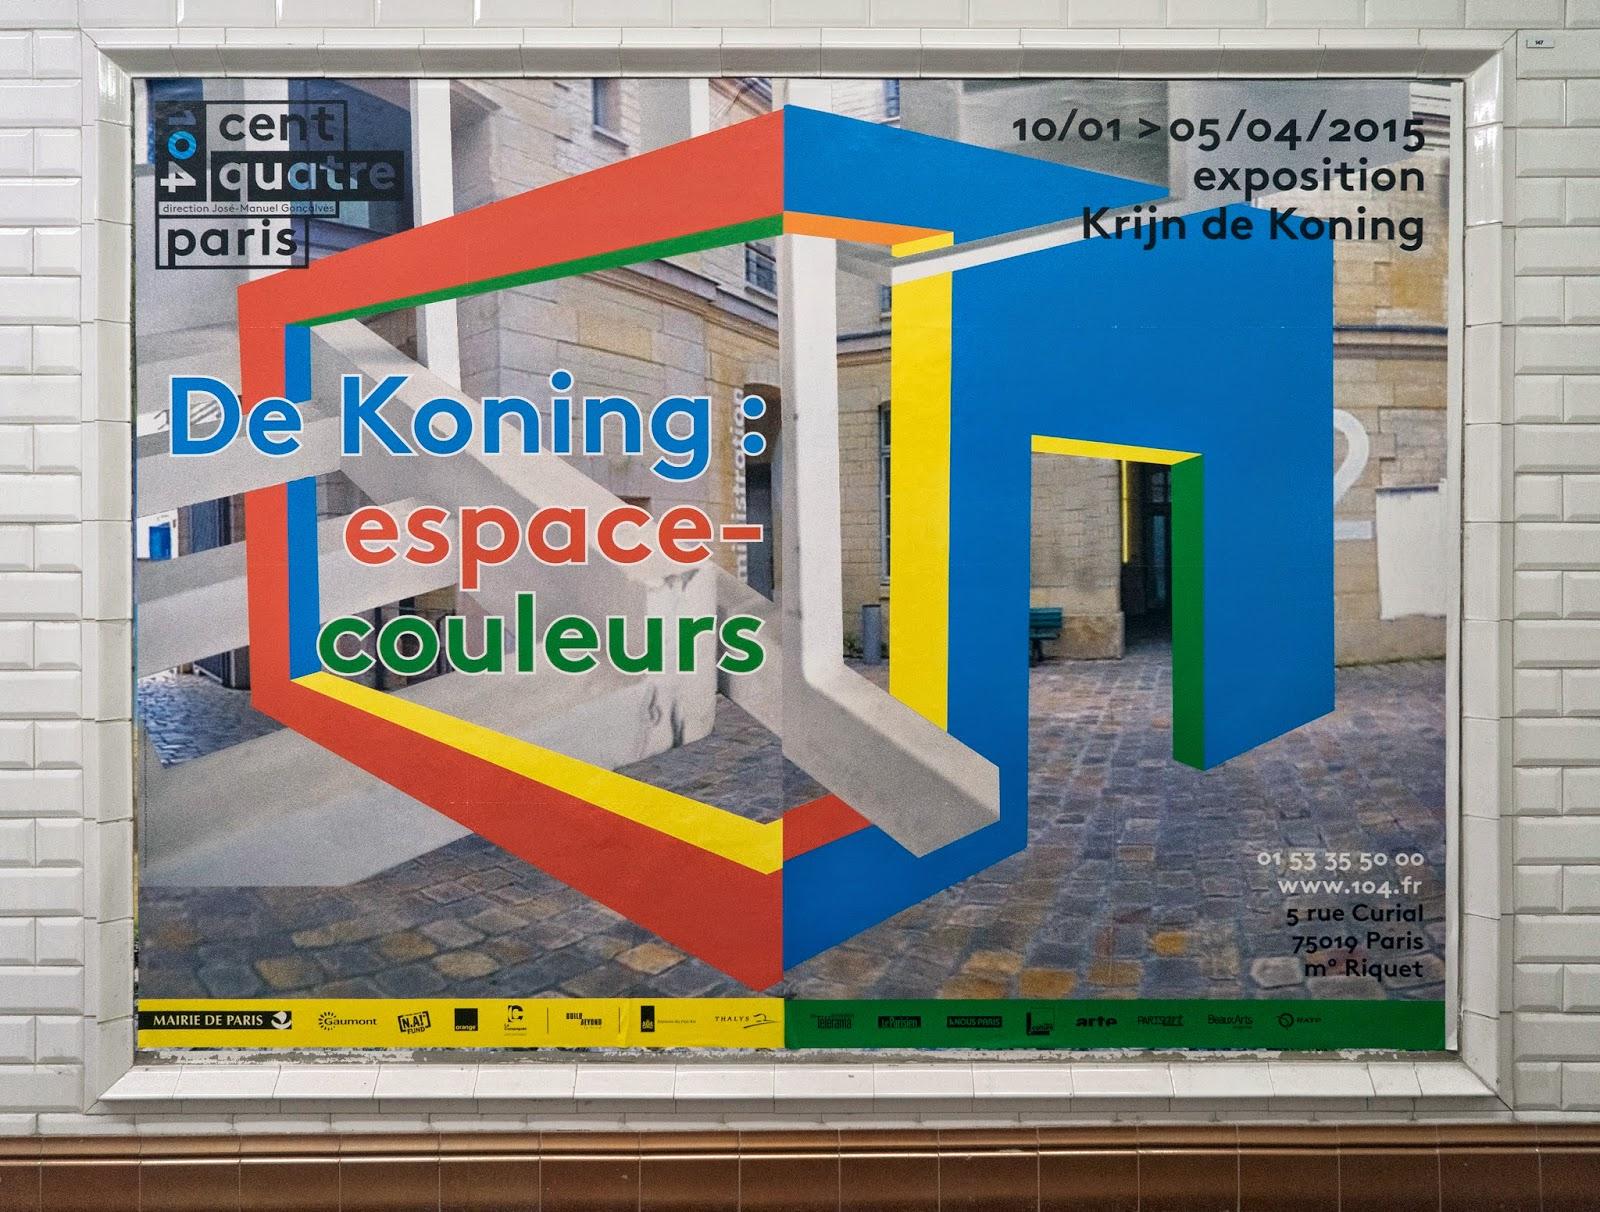 Krij de Koning exhibition poster in the metro corridors in Paris